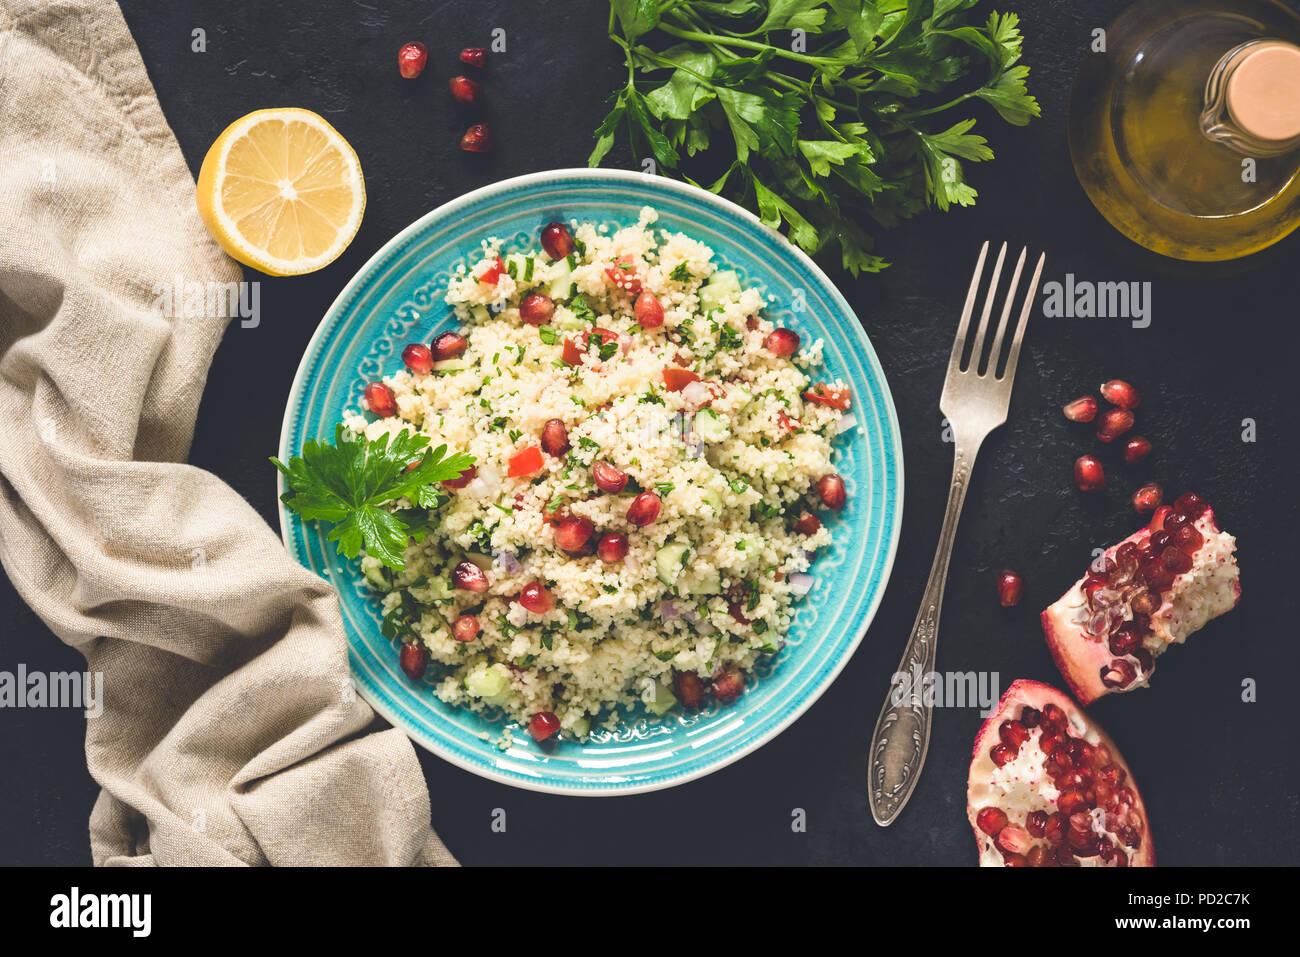 Im Nahen und Mittleren Osten Salat Tabbouleh mit CousCous, Granatapfel Samen, Petersilie. Ansicht von oben, getönten Bild Stockfoto